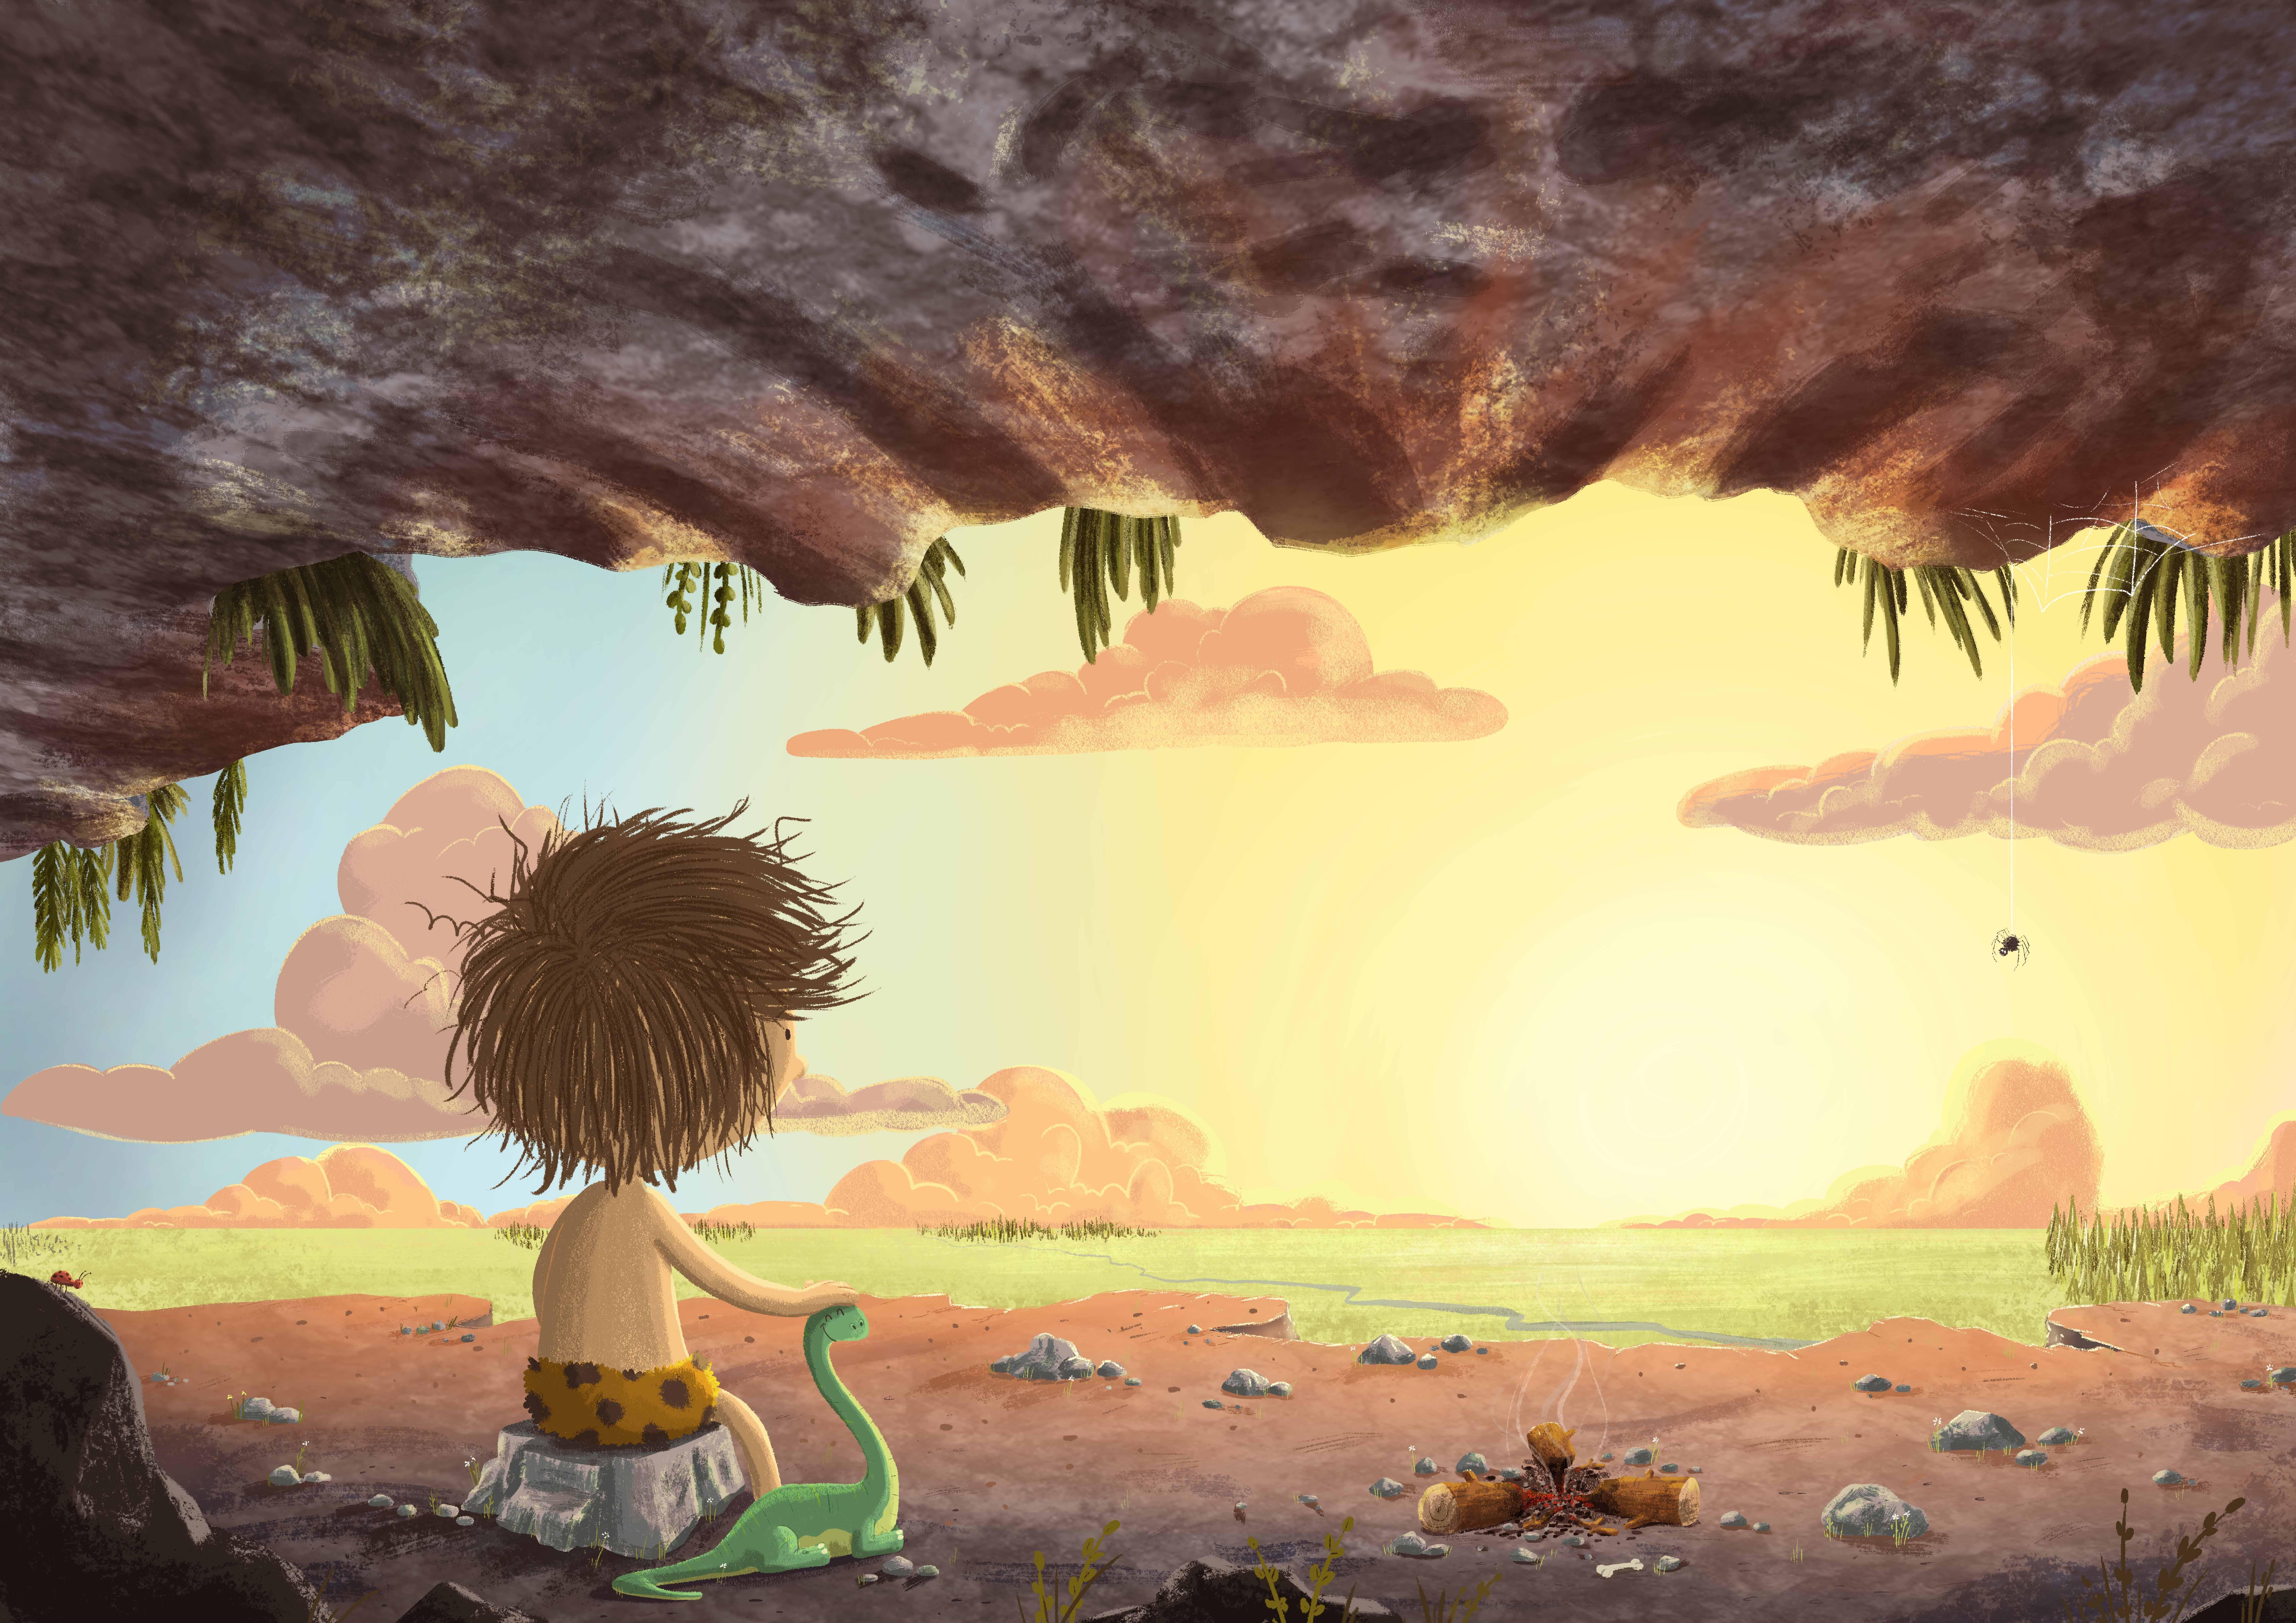 Caveboy sunrise